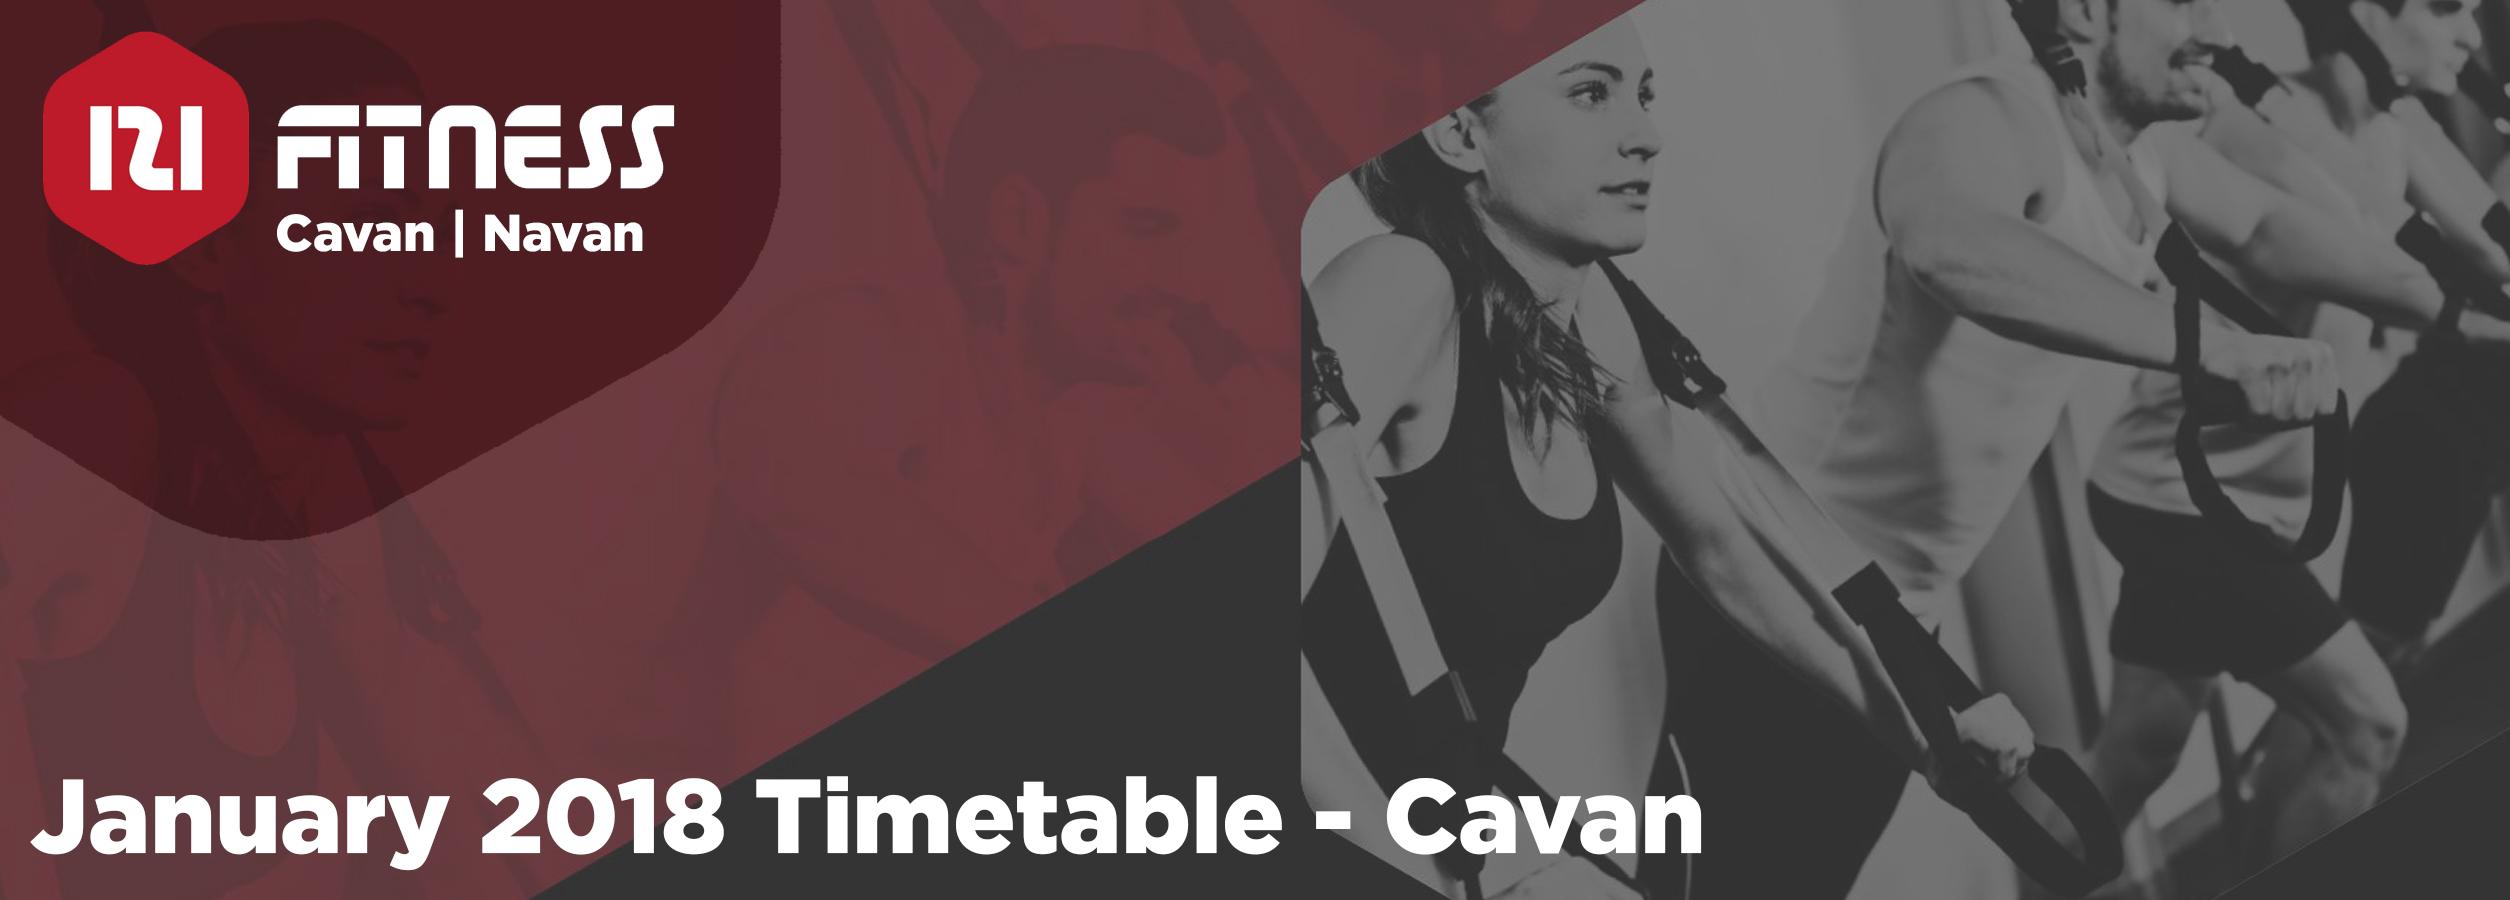 Cavan Timetable